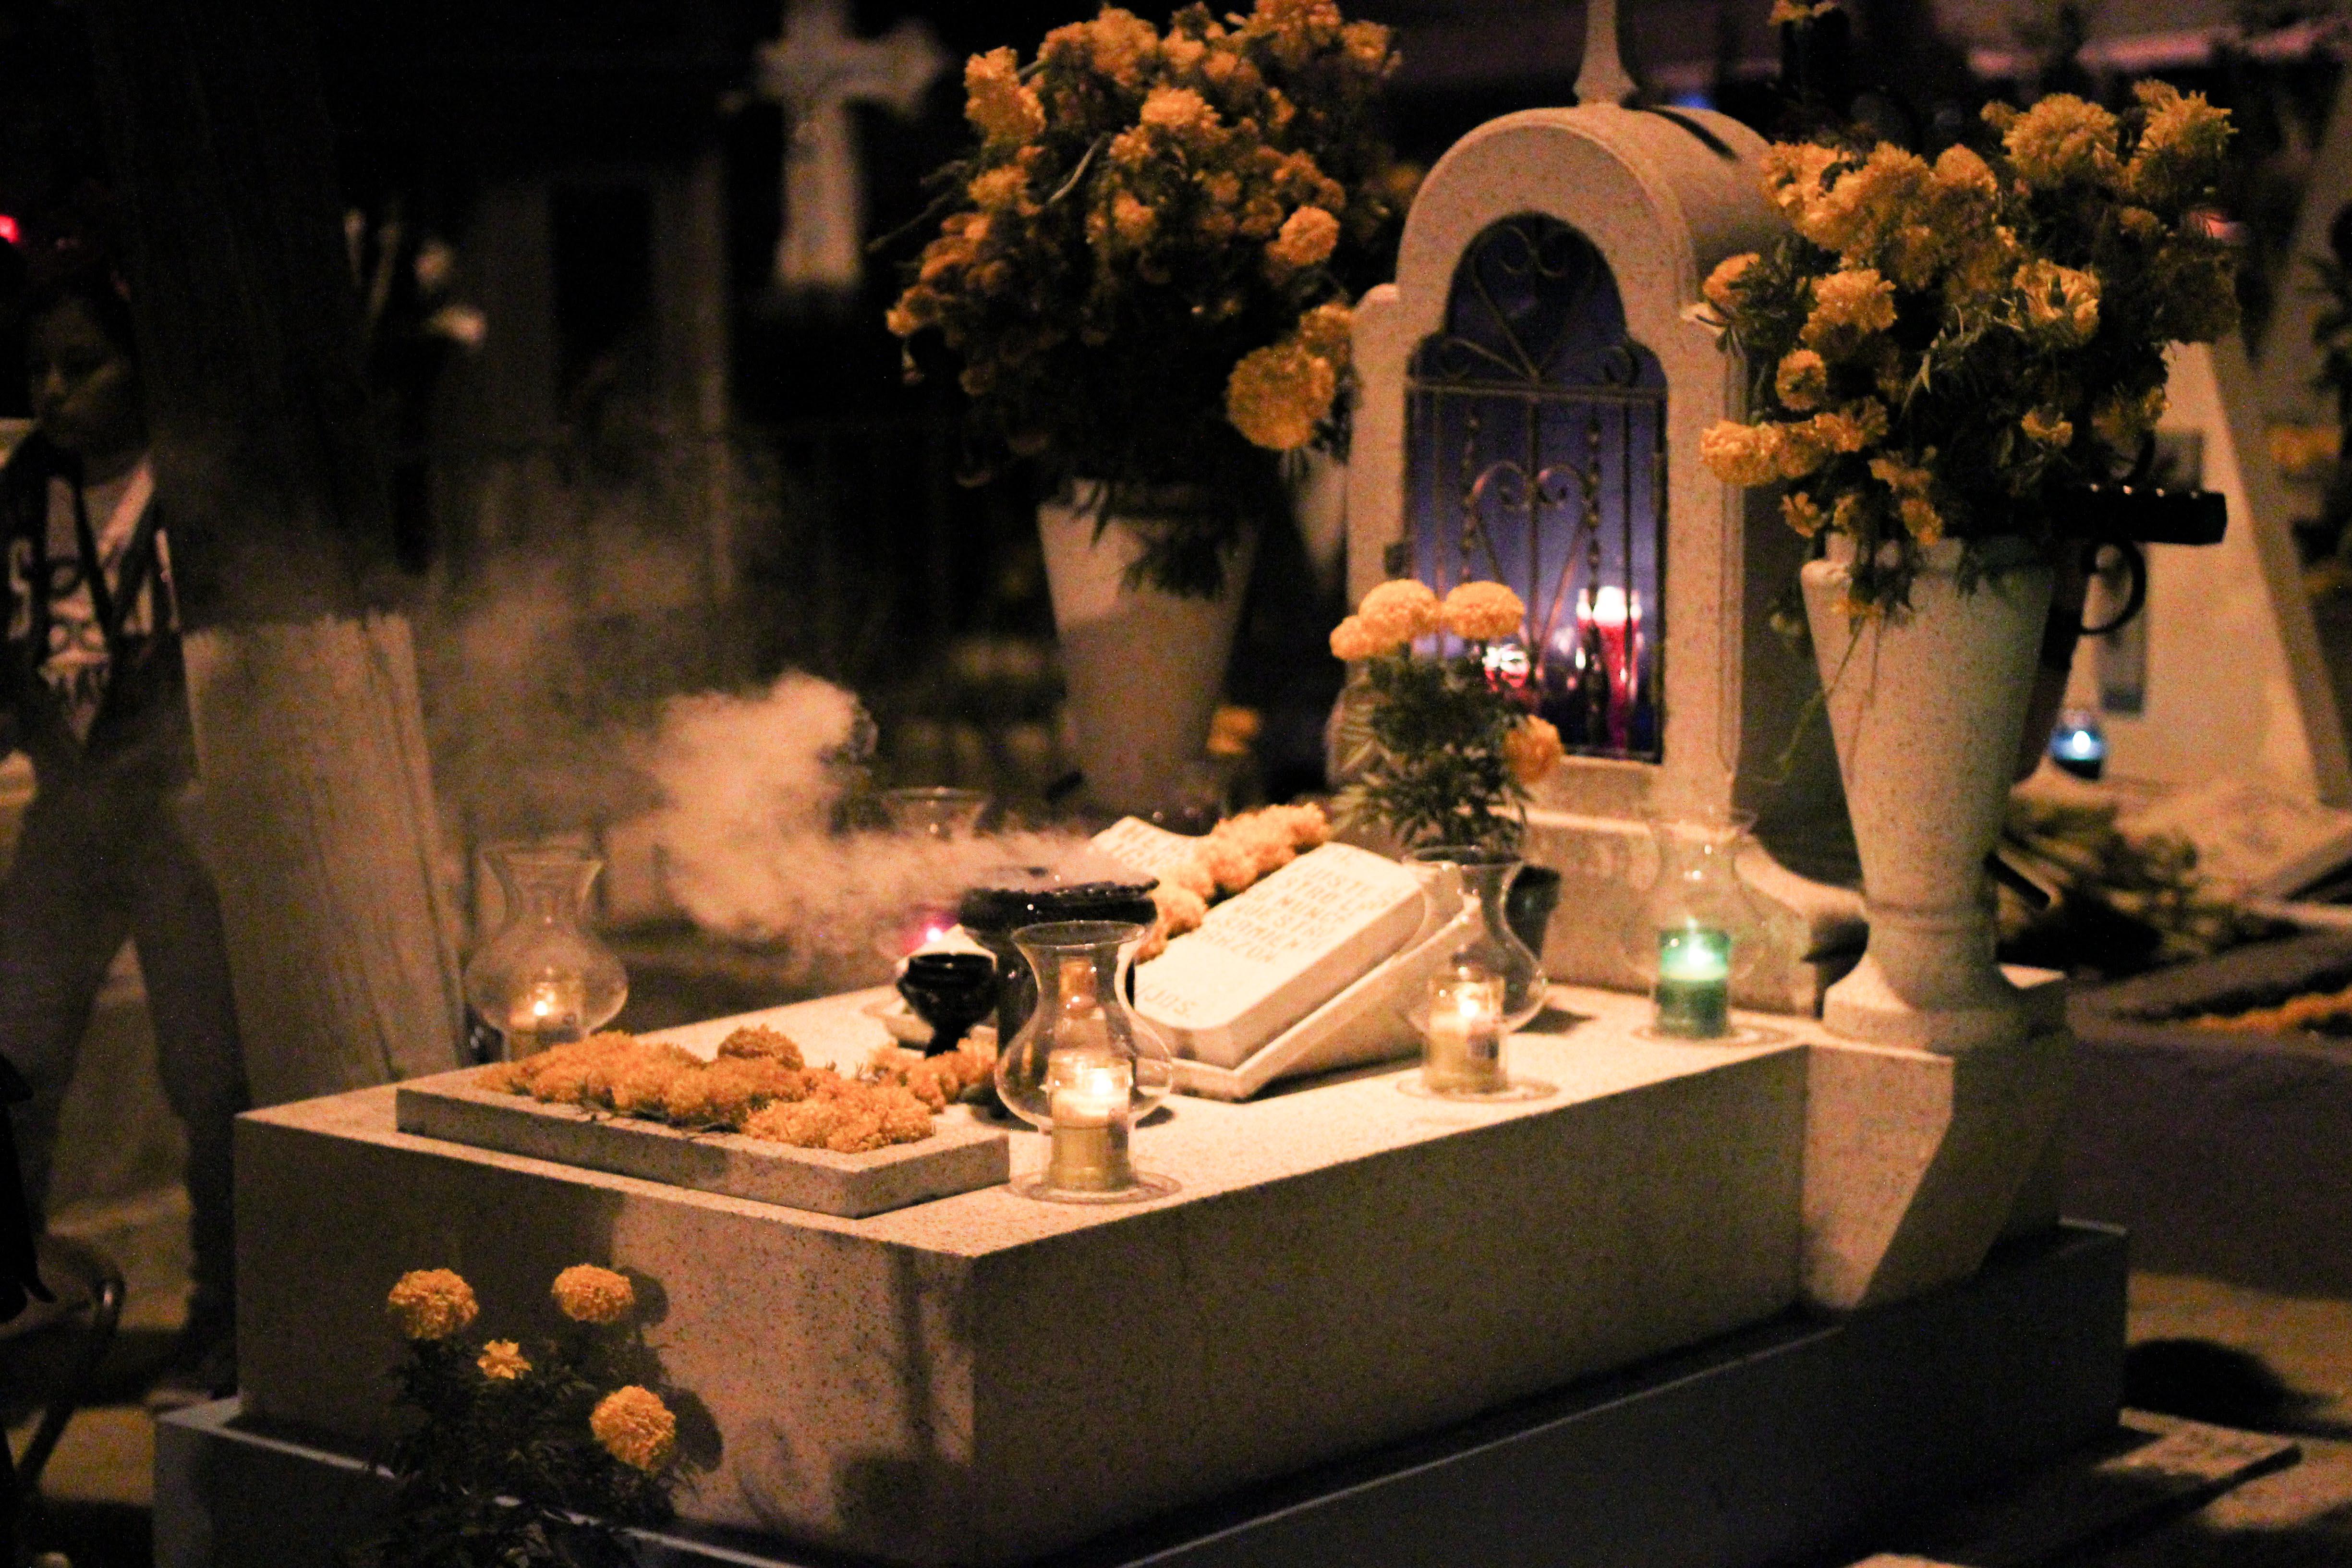 Ein Grab auf dem Friedhof an den Dia de muertos. – Bild: Annina Reusser